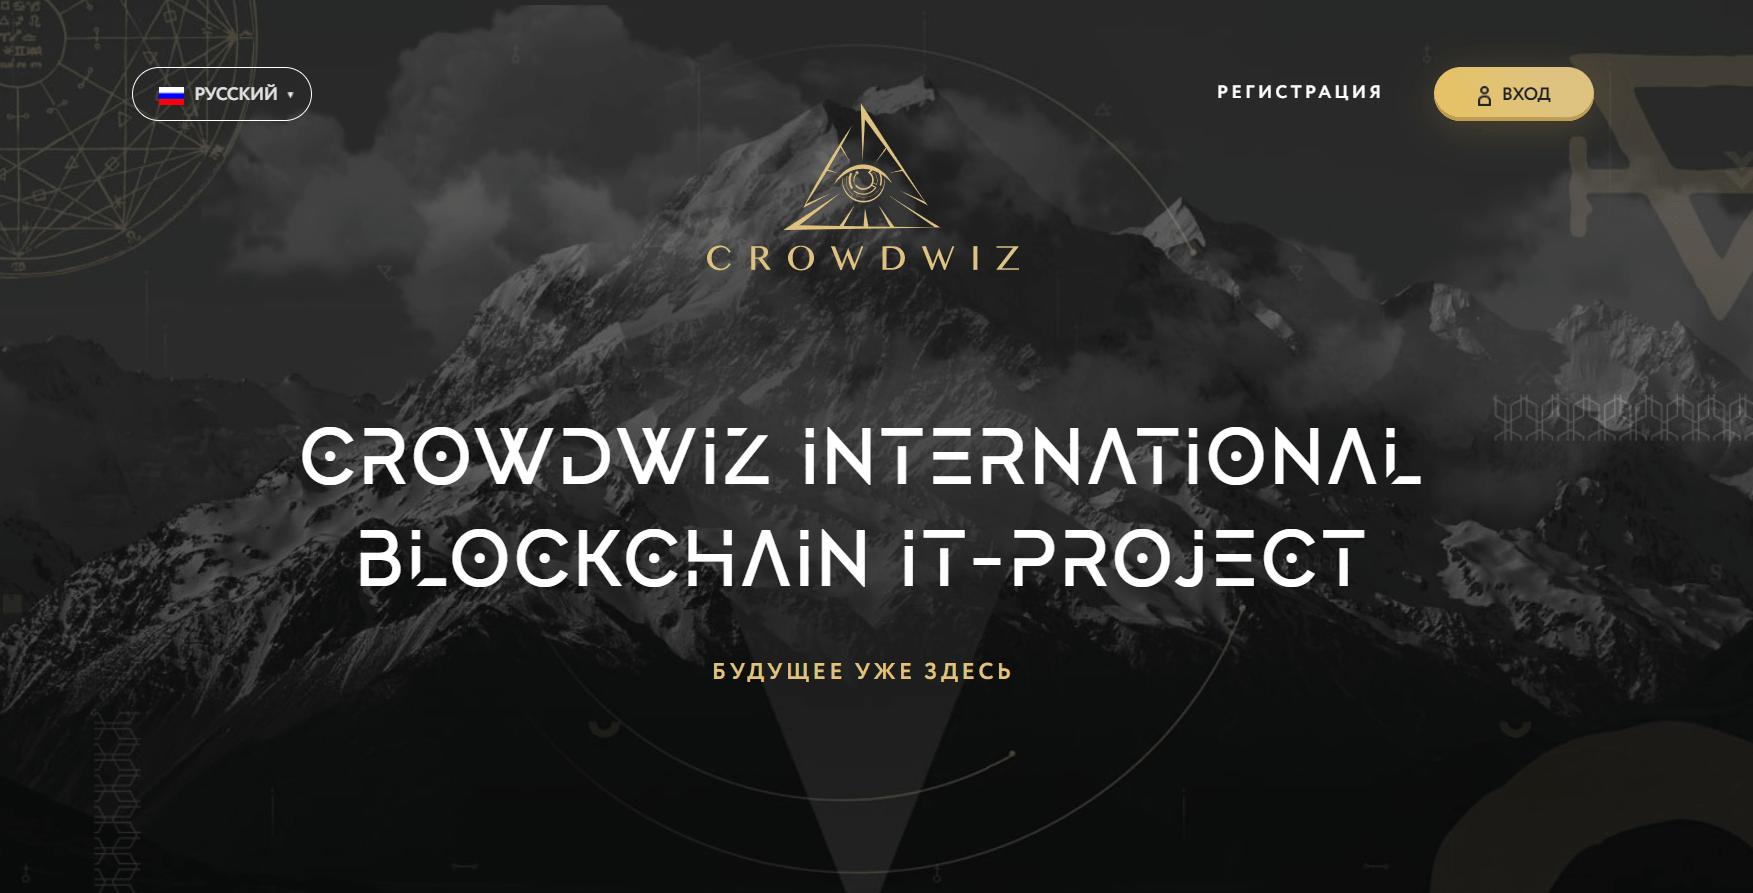 Вся информация о CrowdWiz, Фото № 1 - 1-consult.net